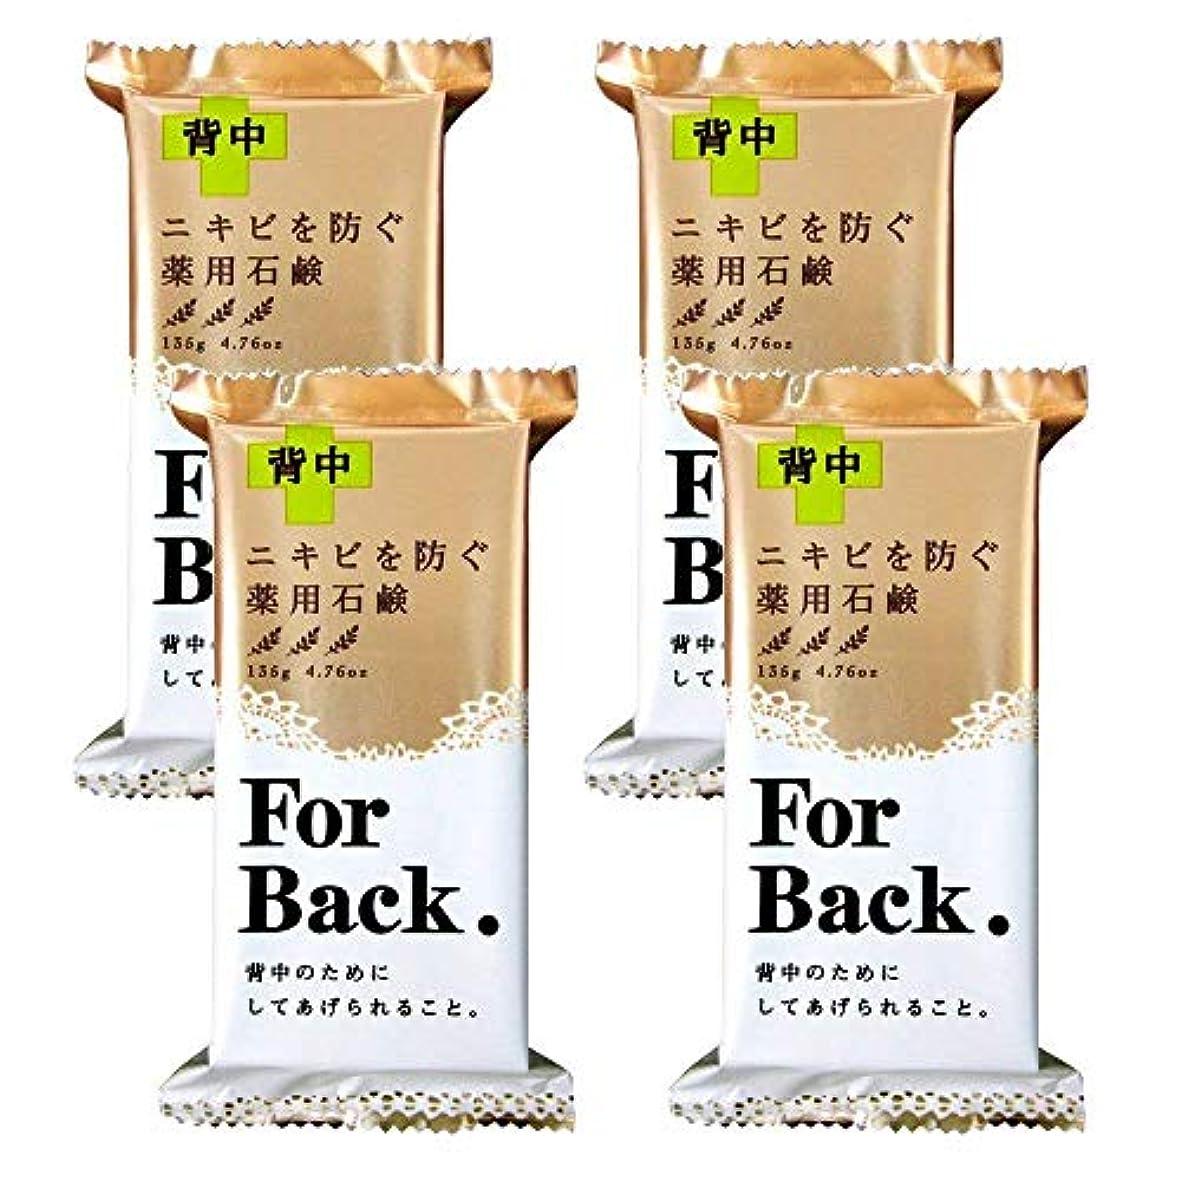 同志フクロウ司法薬用石鹸 ForBack 135g×4個セット